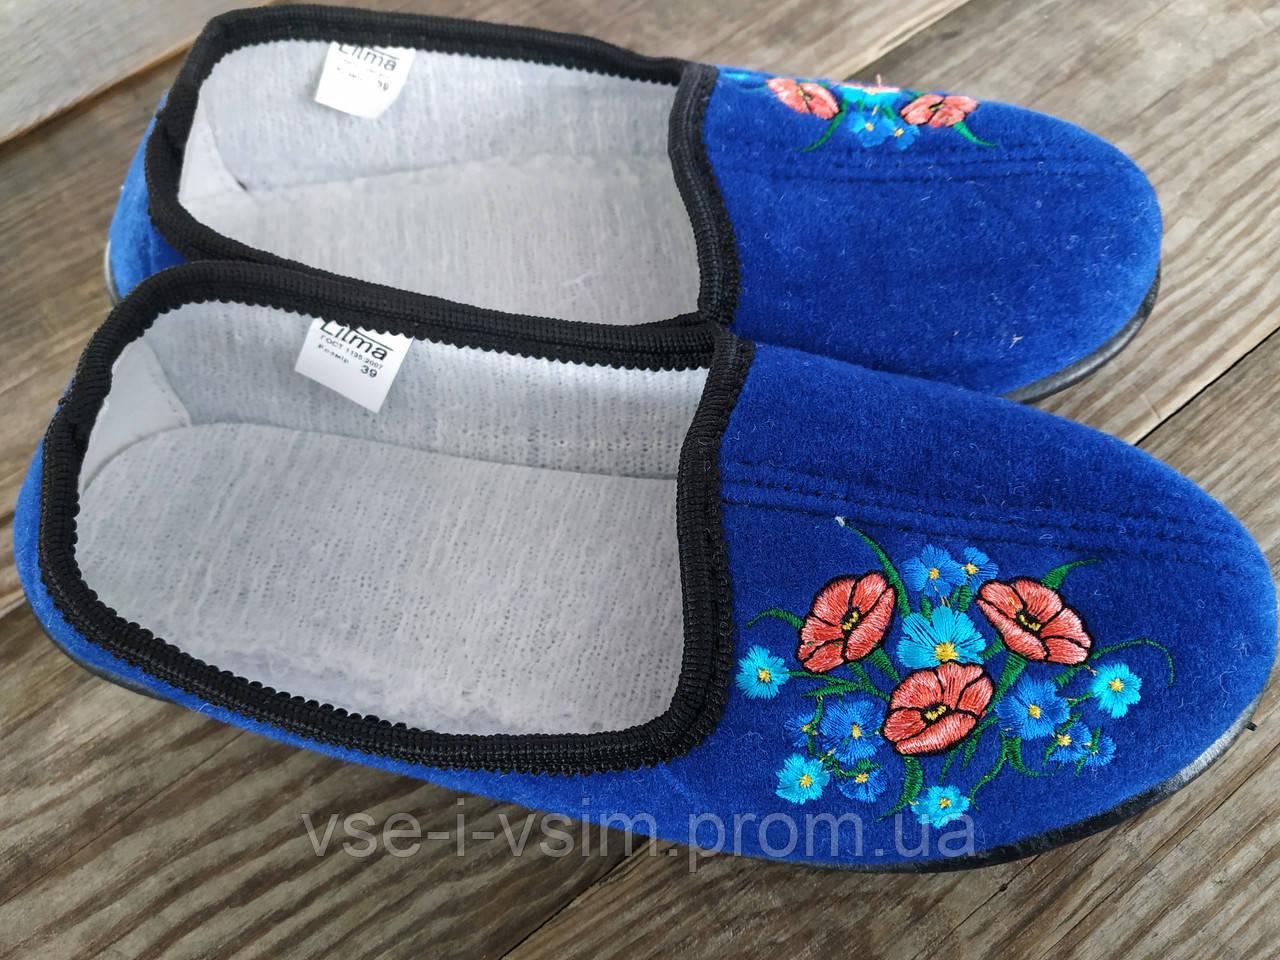 Тапочки Litma Женские 40 размер